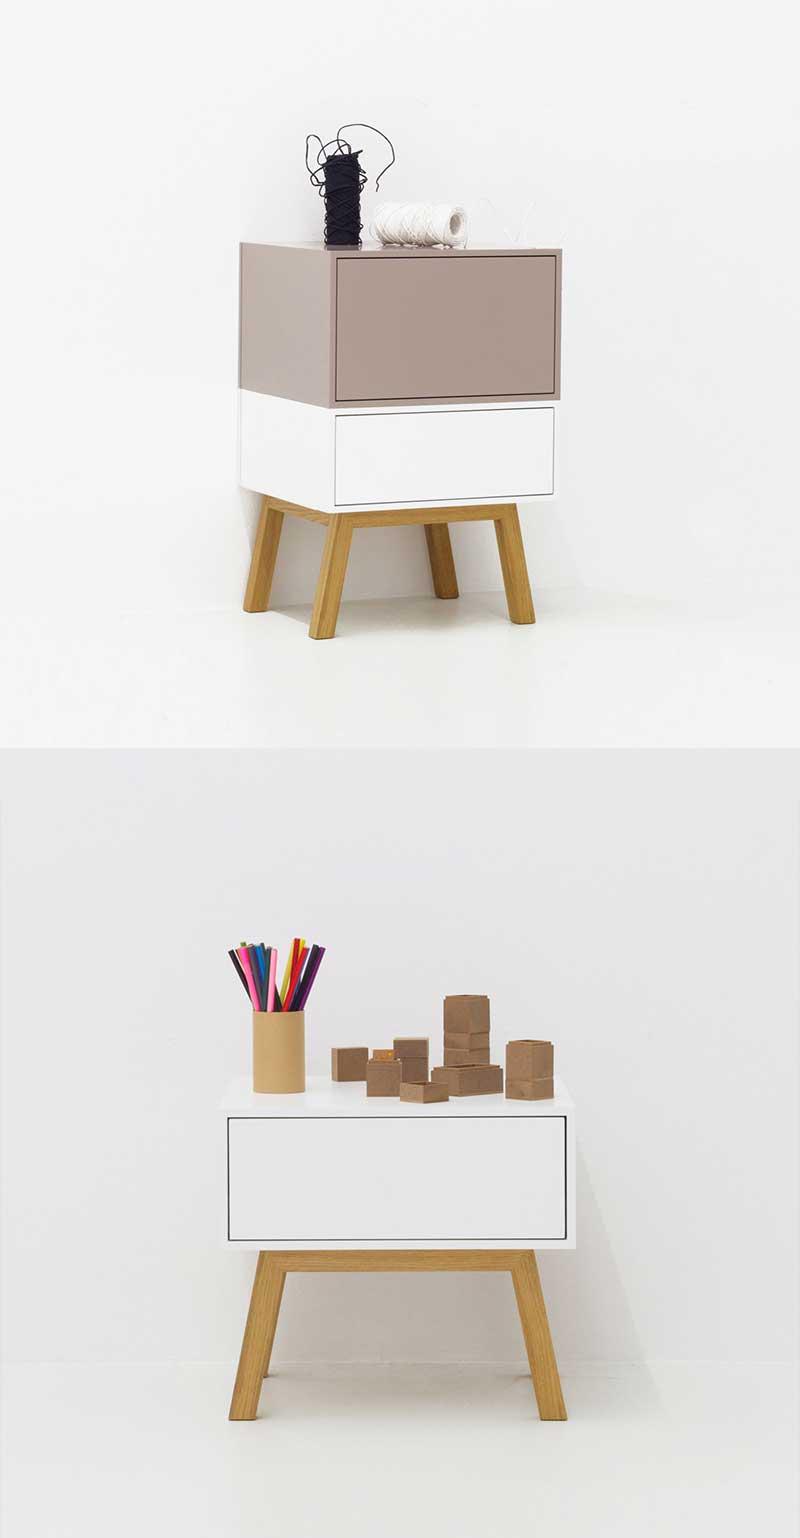 Table de nuit design moderne avec tiroir